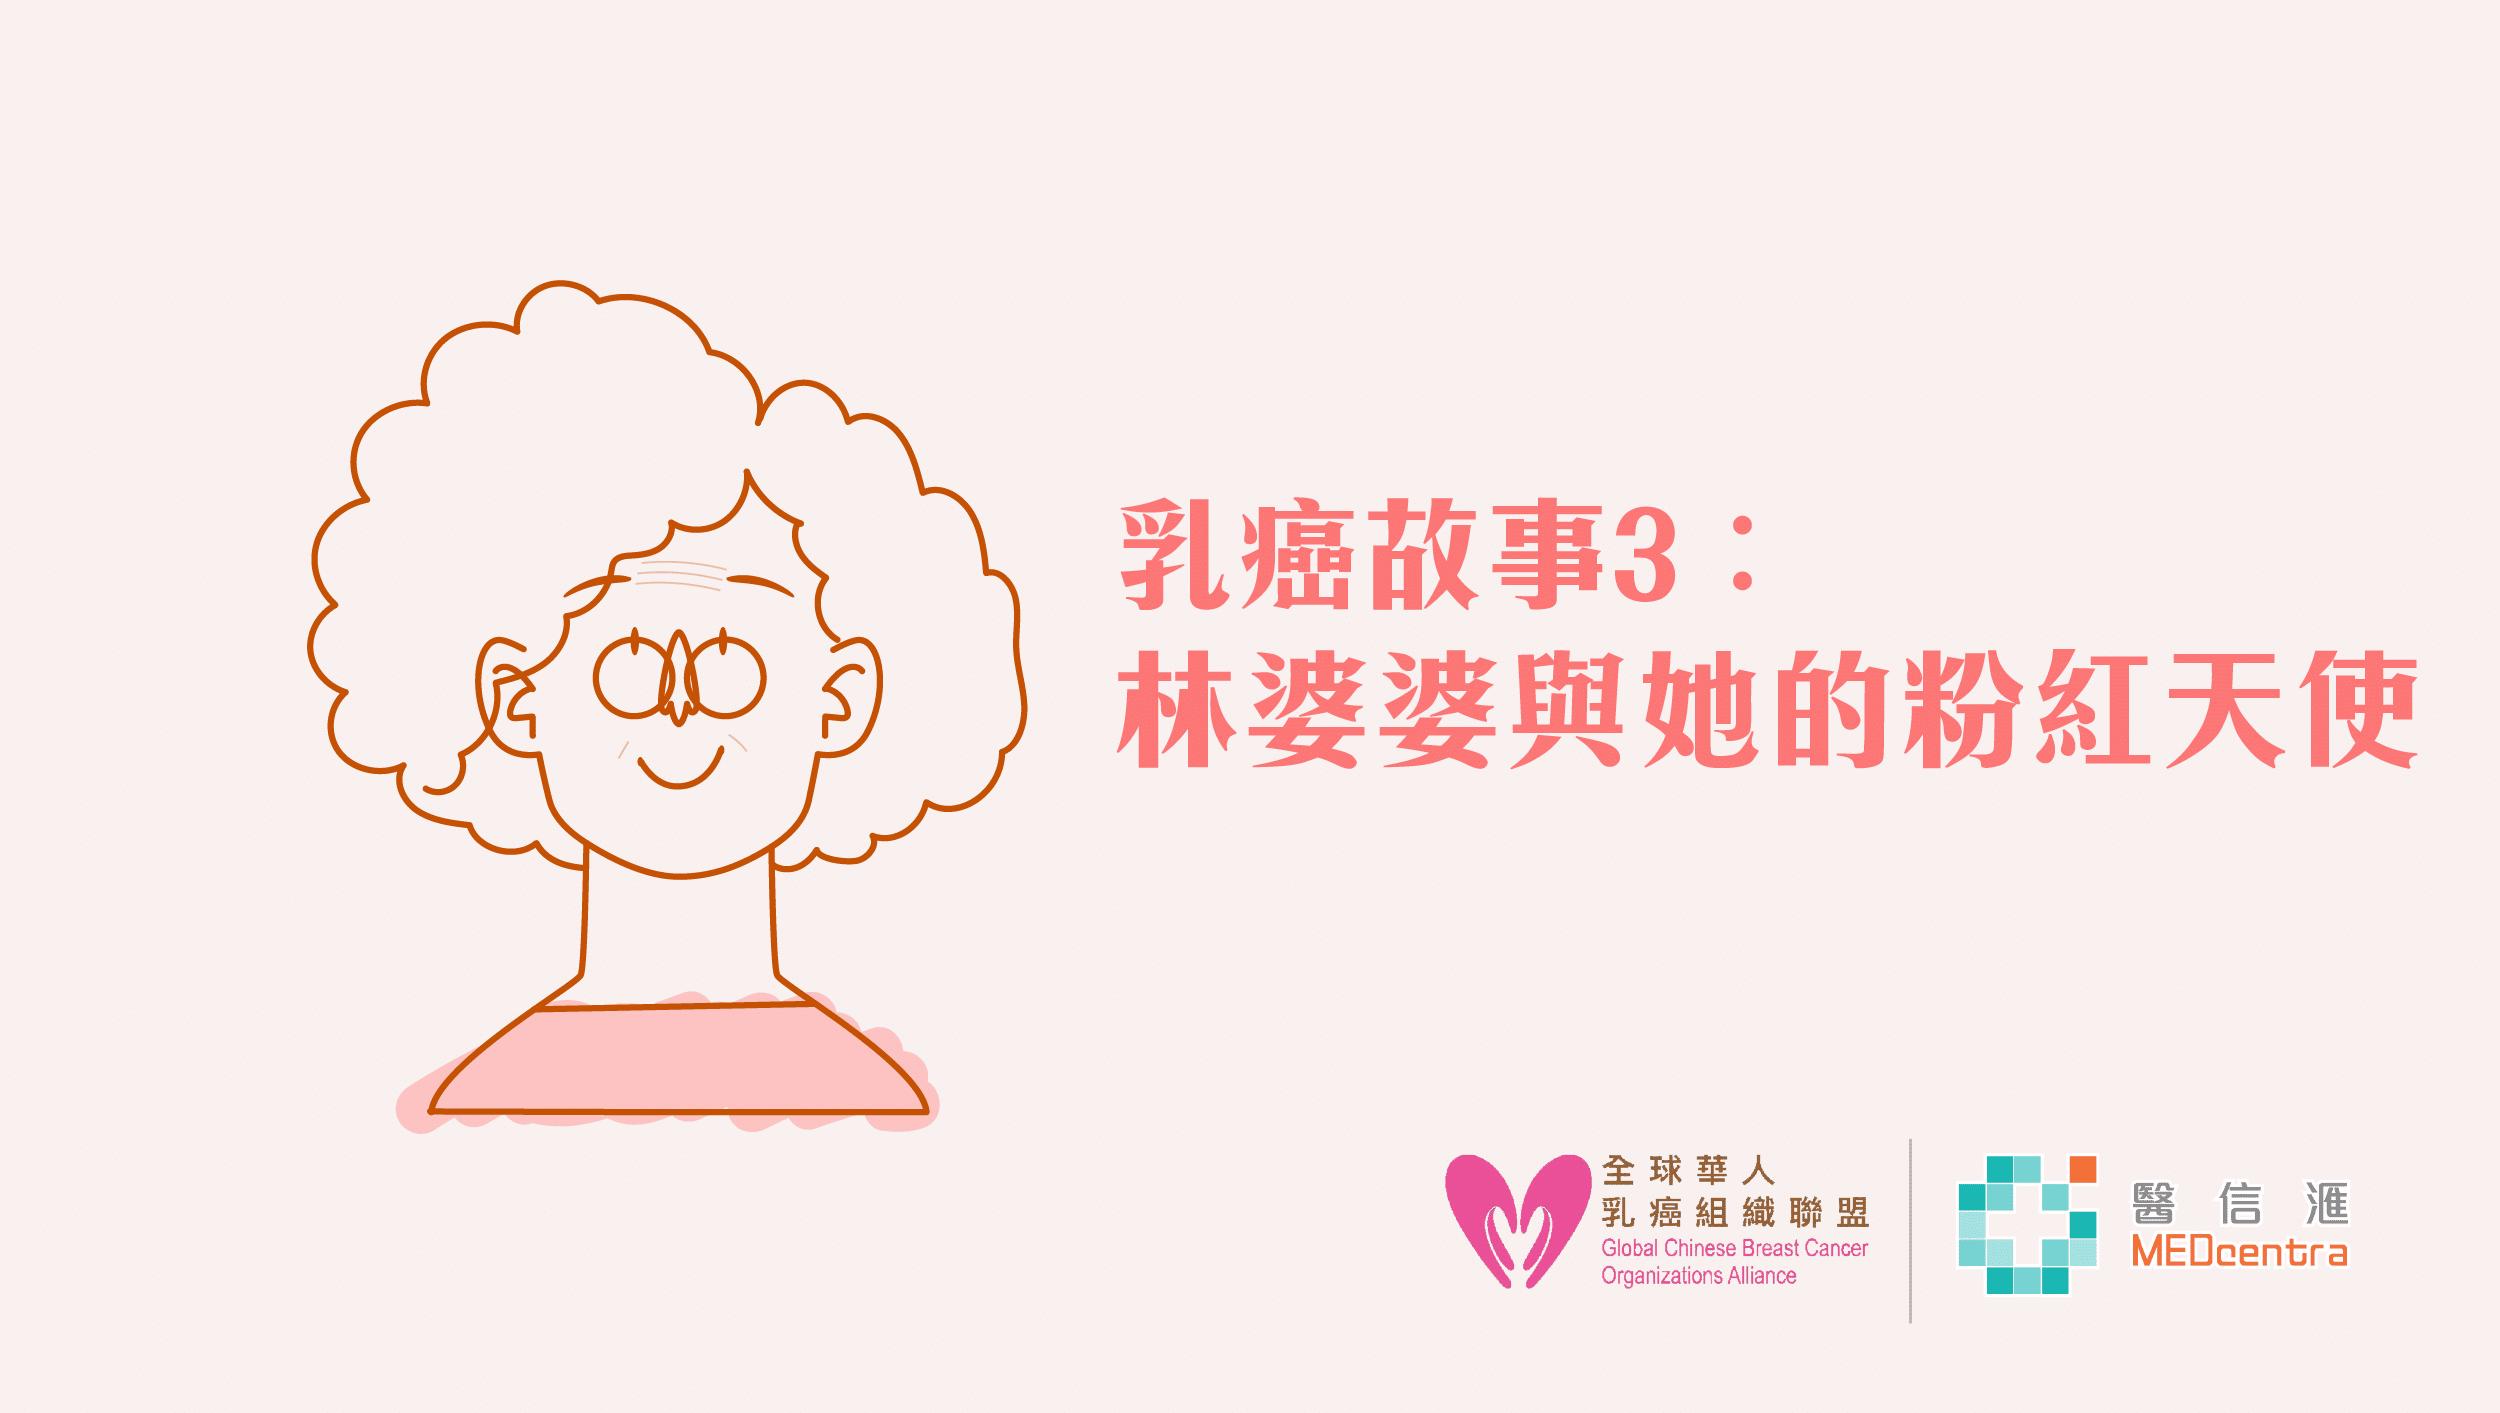 乳癌故事3 – 「菜車手」林婆婆 快樂,是過關的潤滑劑